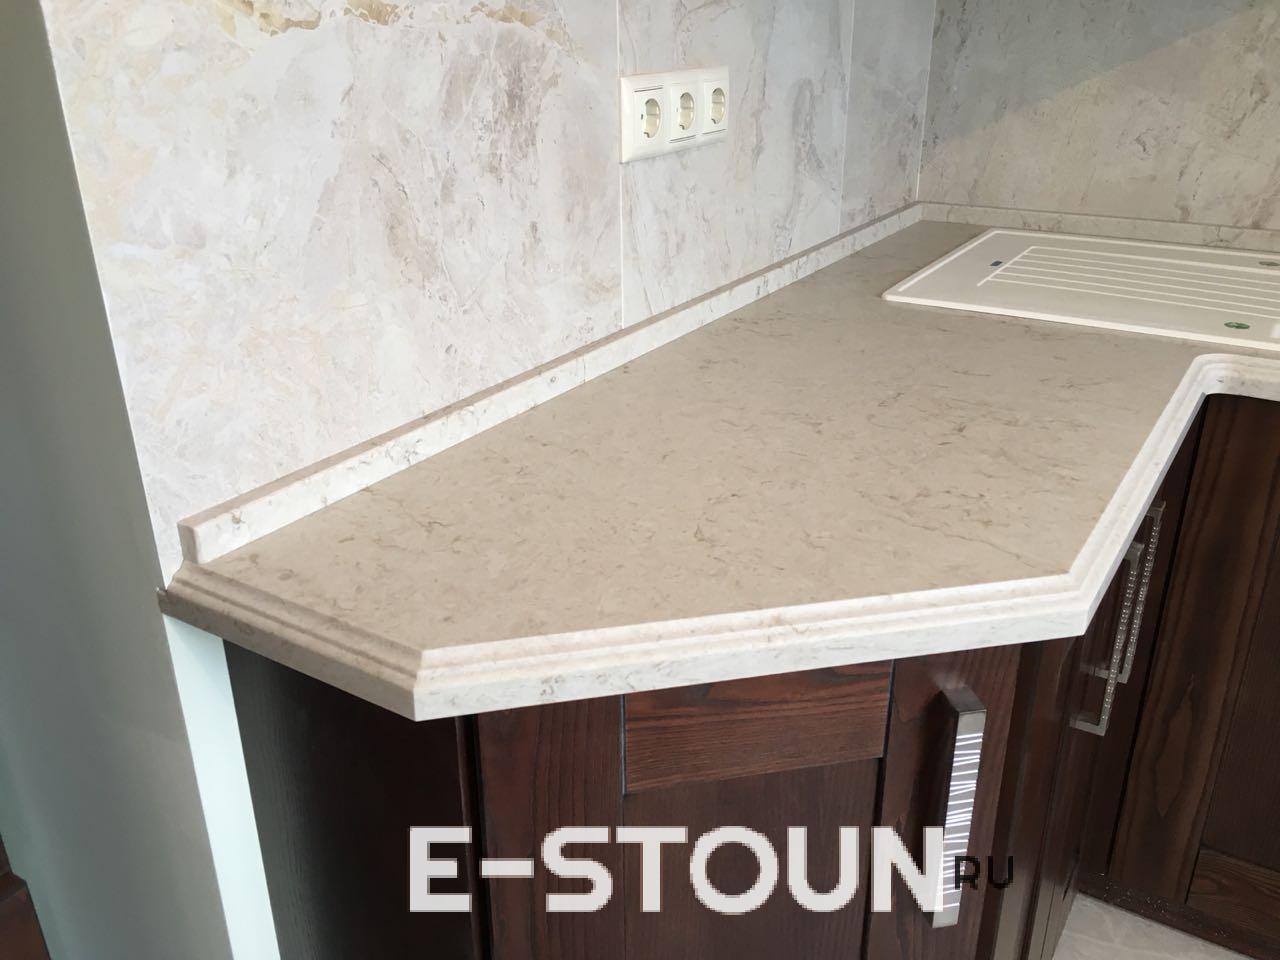 Кухонная столешница из камня Caeserstone: под этим ракусром лучше виден мраморный рисунок кварцевого агломерата